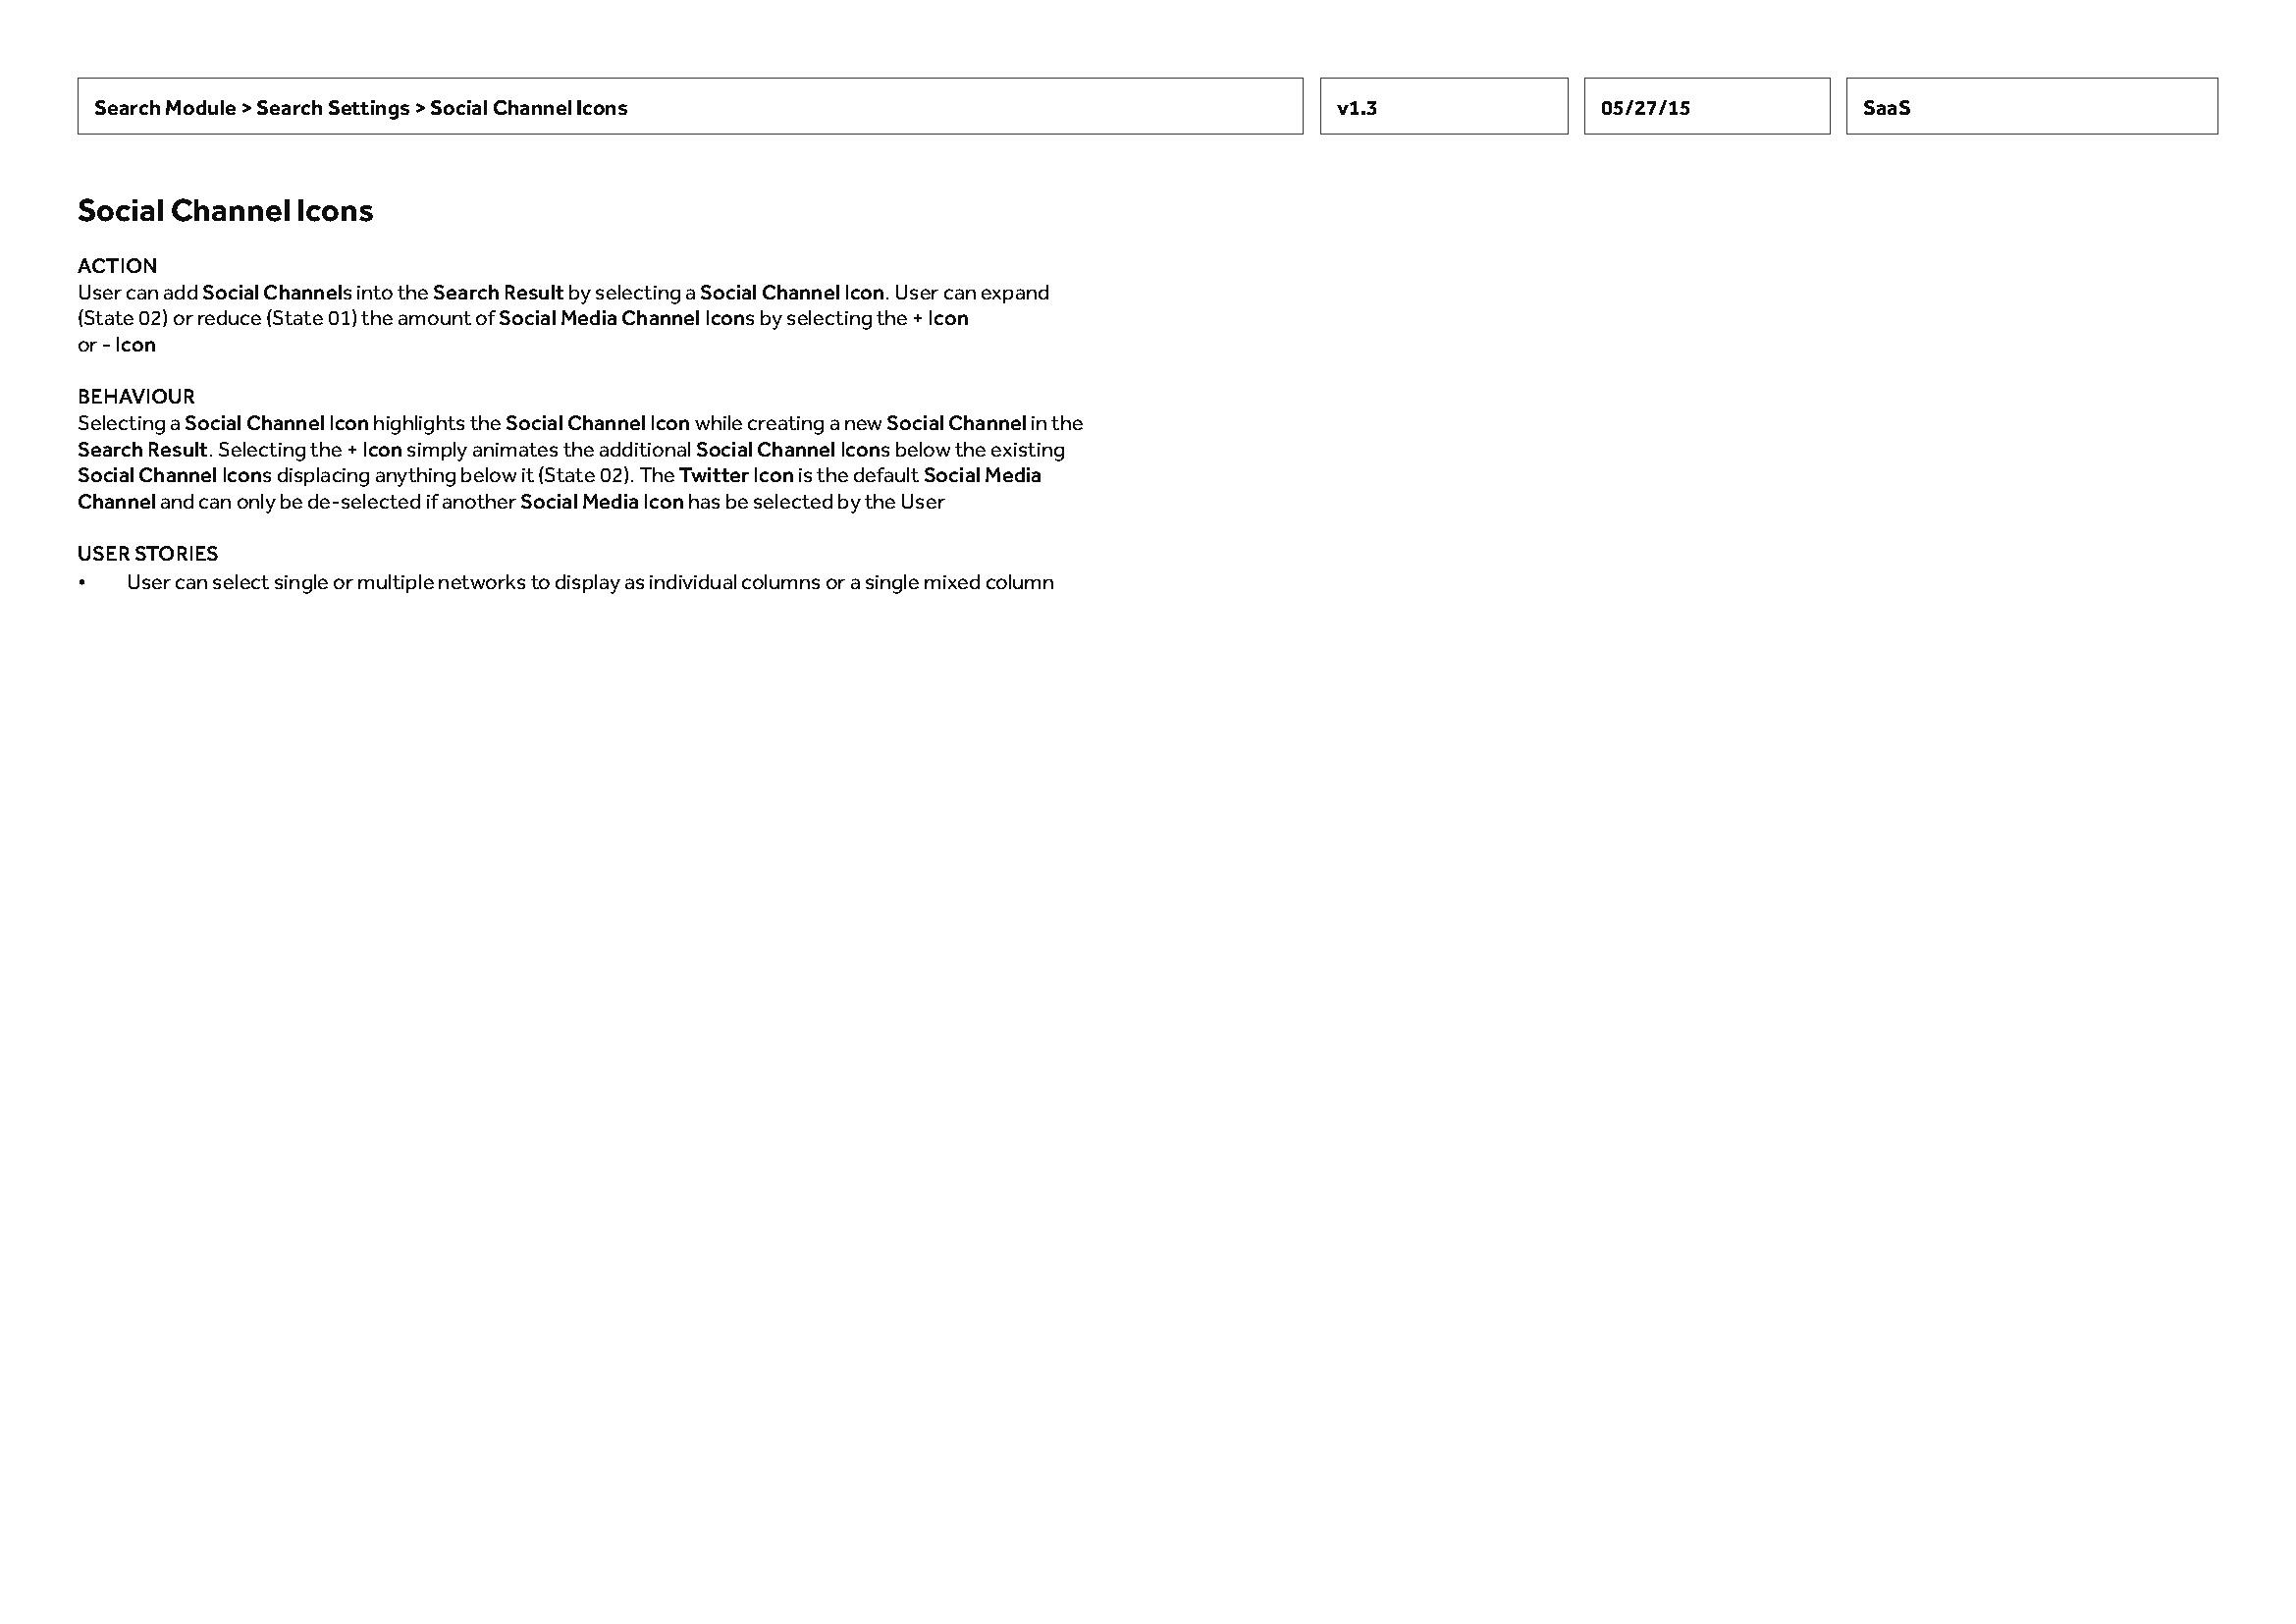 sonr_UXManual_v1.3_Page_04.jpg